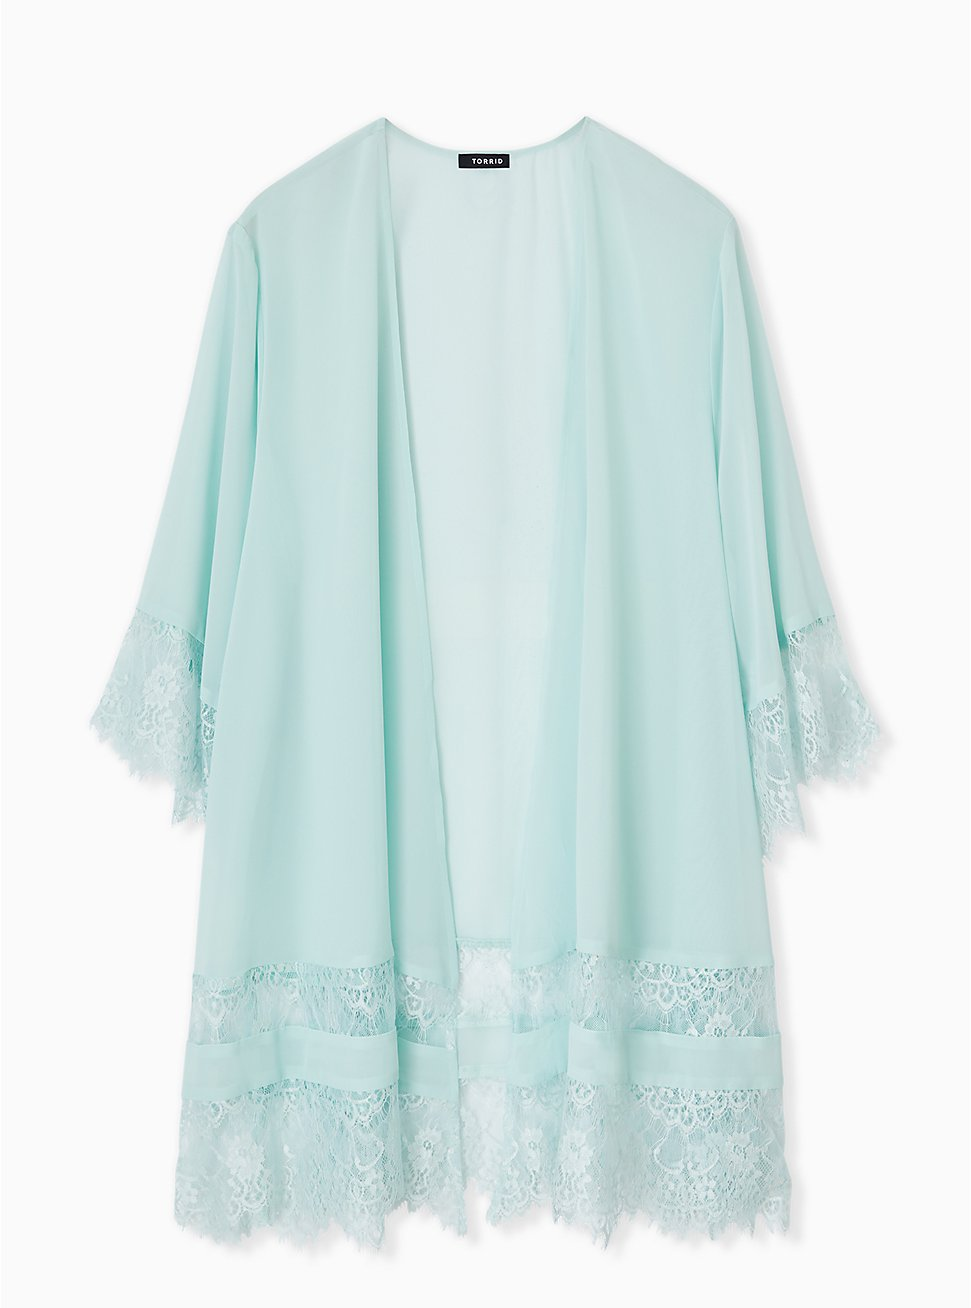 Mint Blue Chiffon Lace Trim Kimono, HARBOR GRAY, hi-res